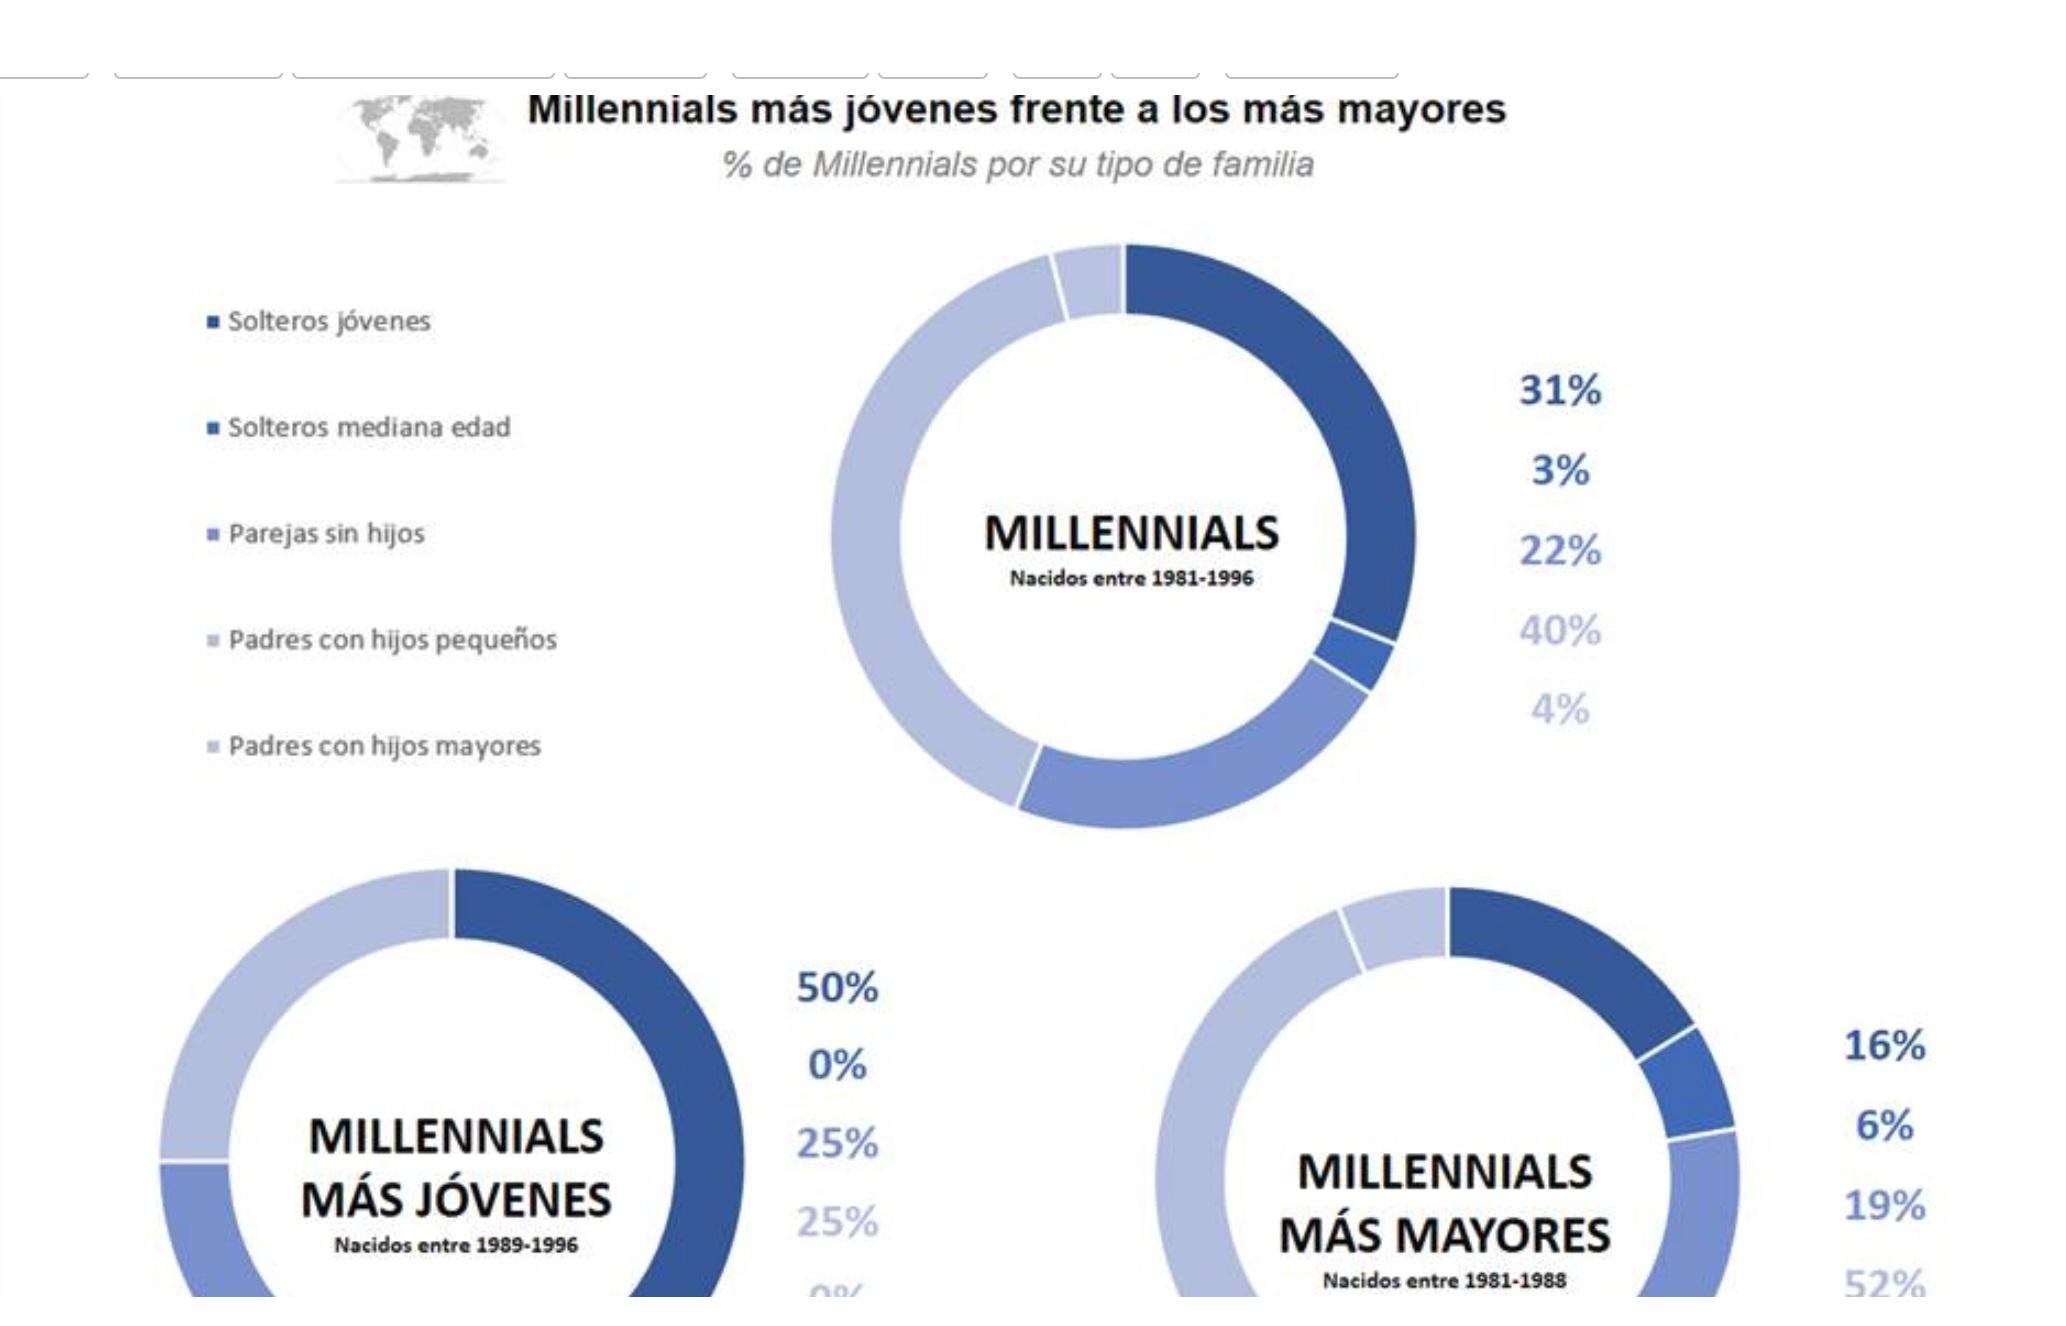 https://www.programapublicidad.com/wp-content/uploads/2019/06/millenials-más-joven-programapublicidad-muy-grande-1.jpg